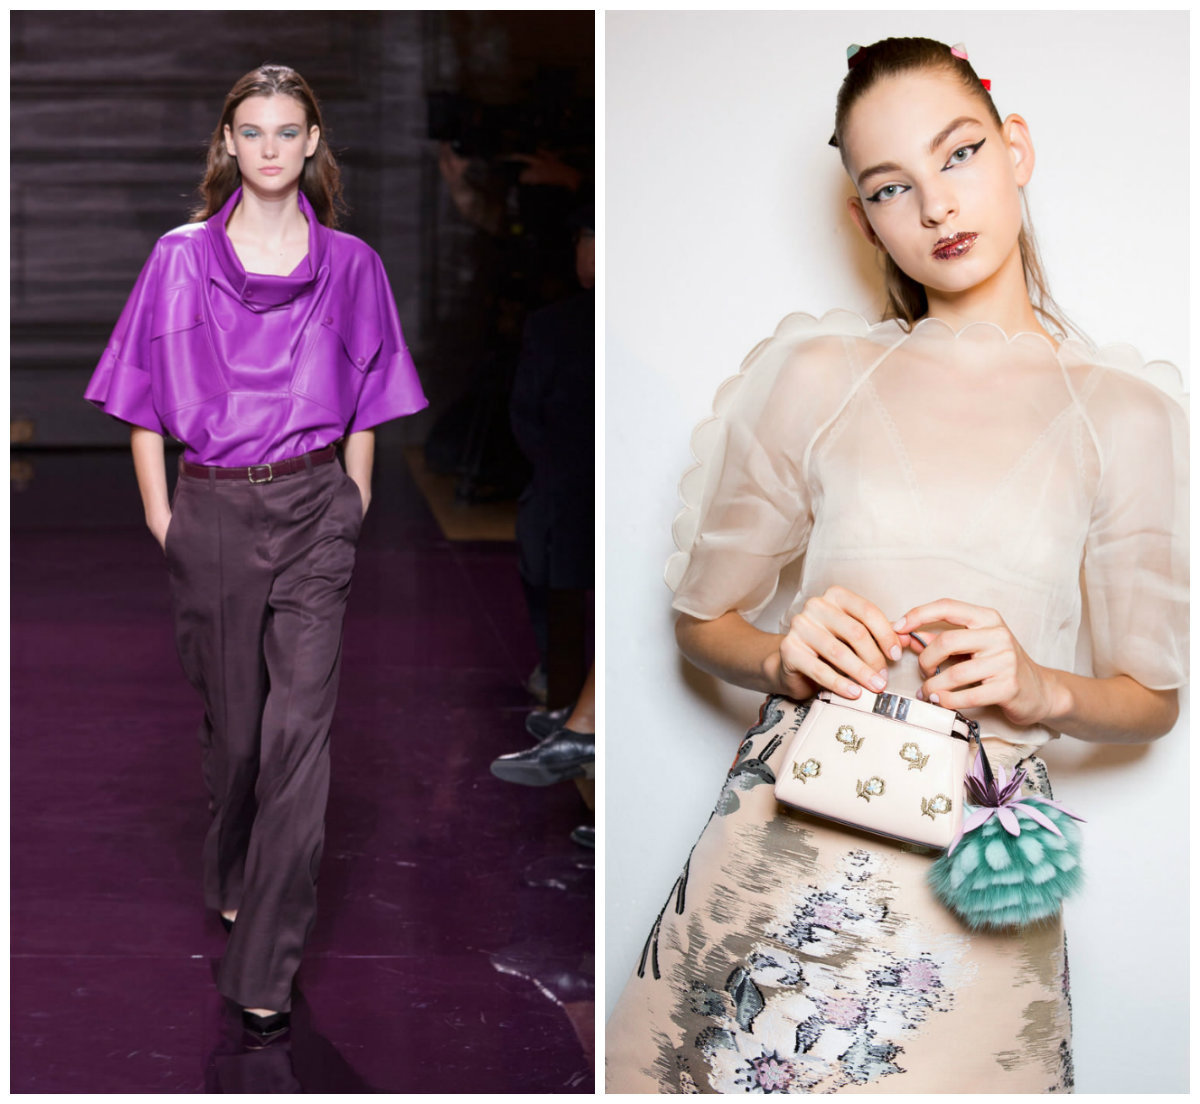 Женские-блузки-2018-романтика-Фото-Модные блузки 2018 женские-Женские блузки 2018